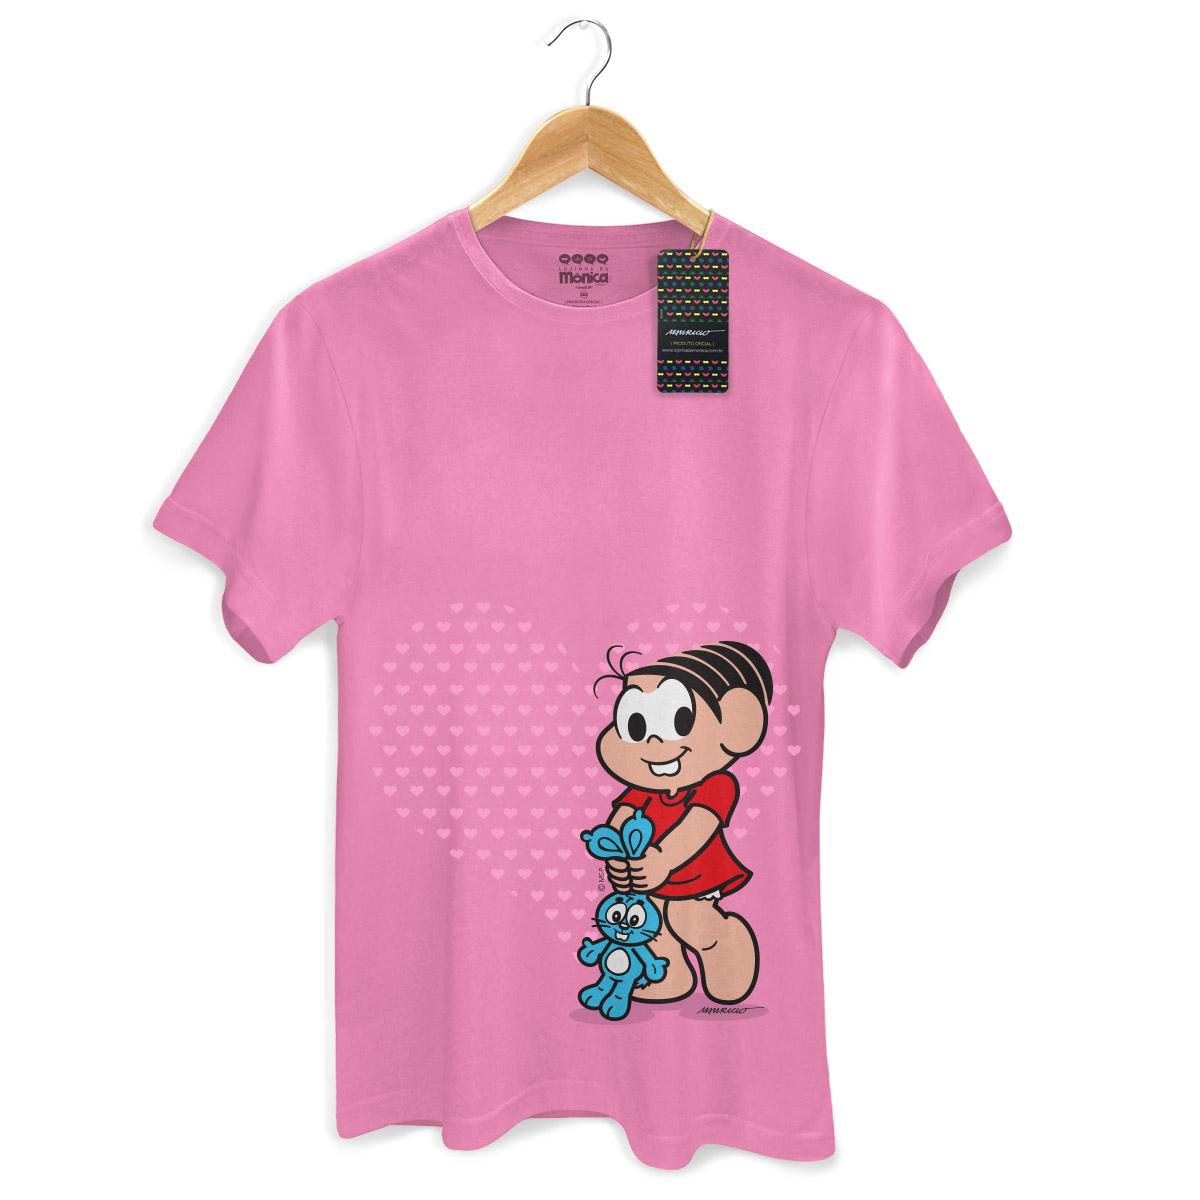 Camiseta Masculina Turma Da Mônica Kids Mônica Heart